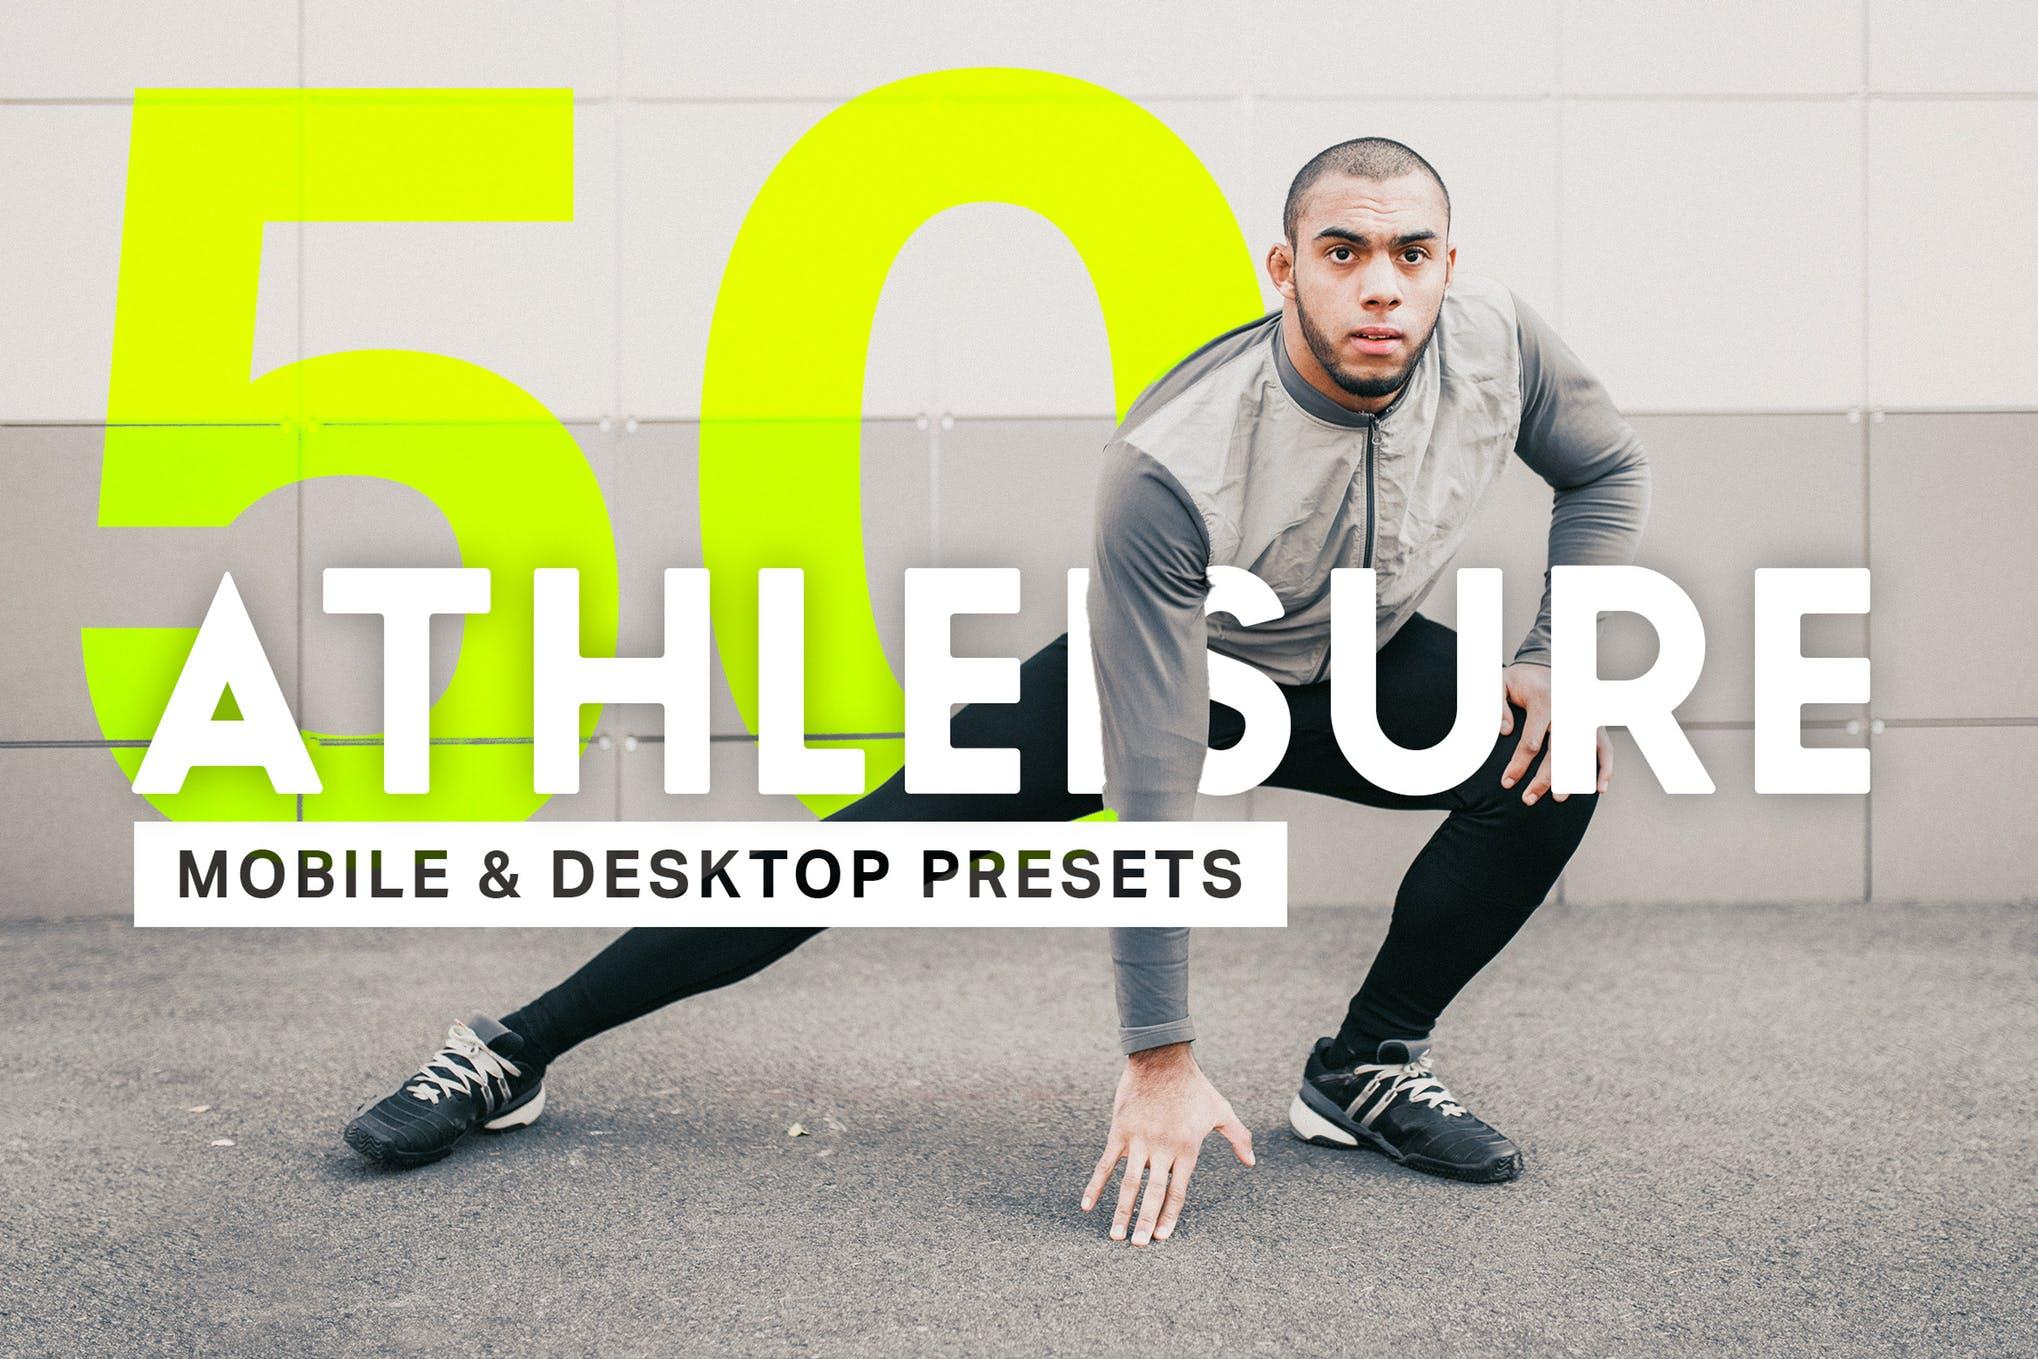 دانلود مجموعه 50 پریست لایت روم Athleisure | دو نسخه دسکتاپ و موبایل